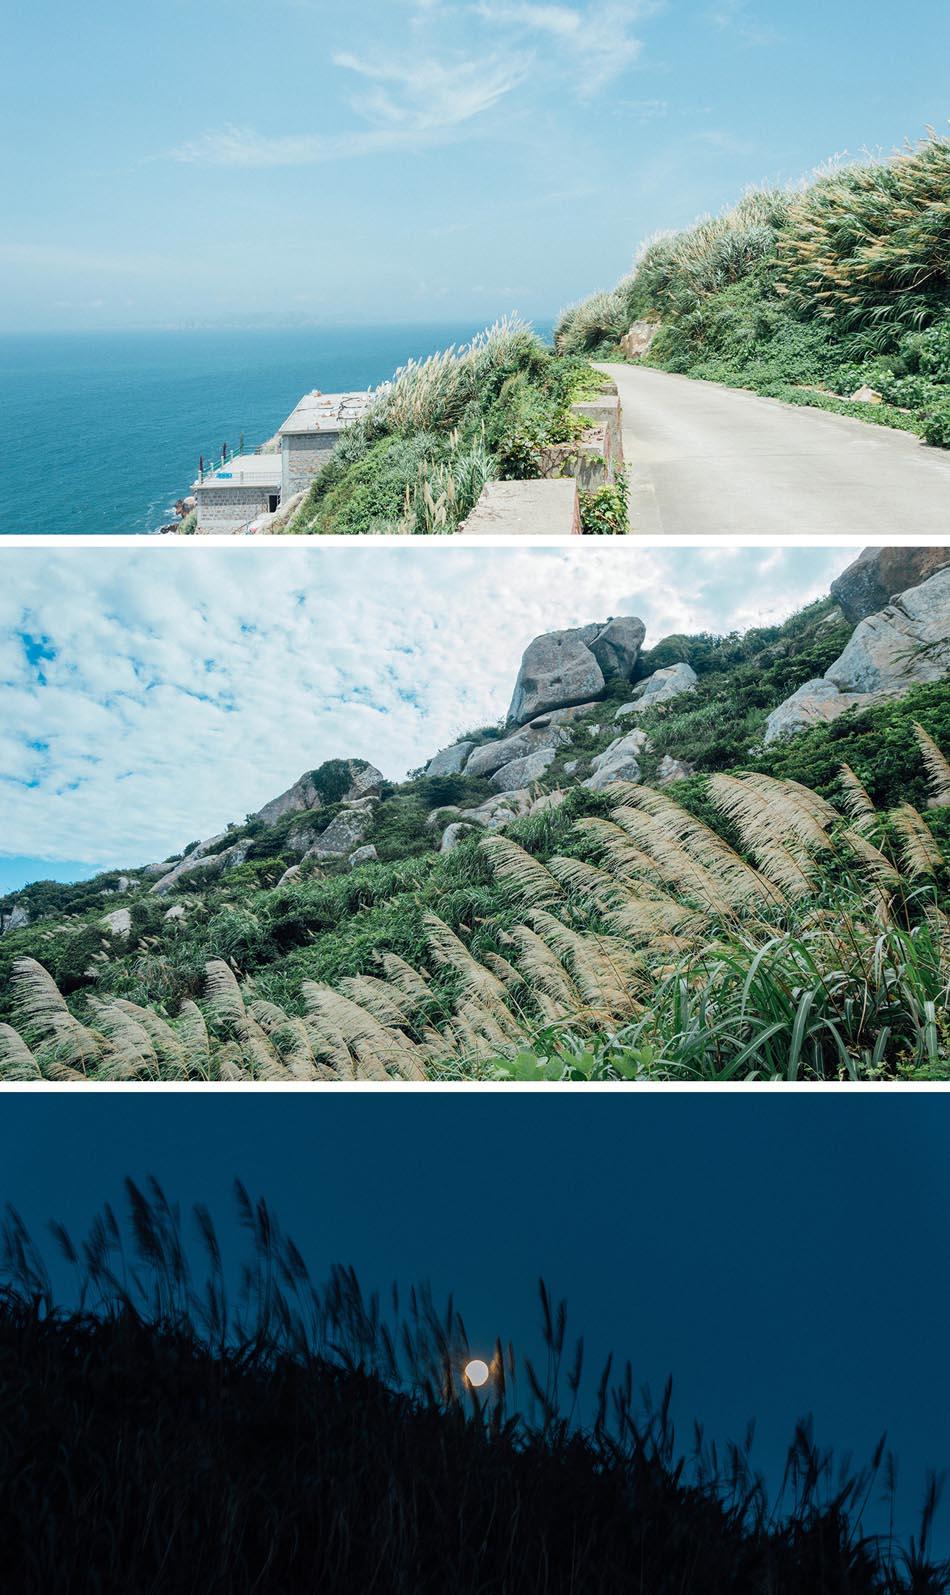 photoshop解析日系电影胶片风景调色教程 - ps转载区